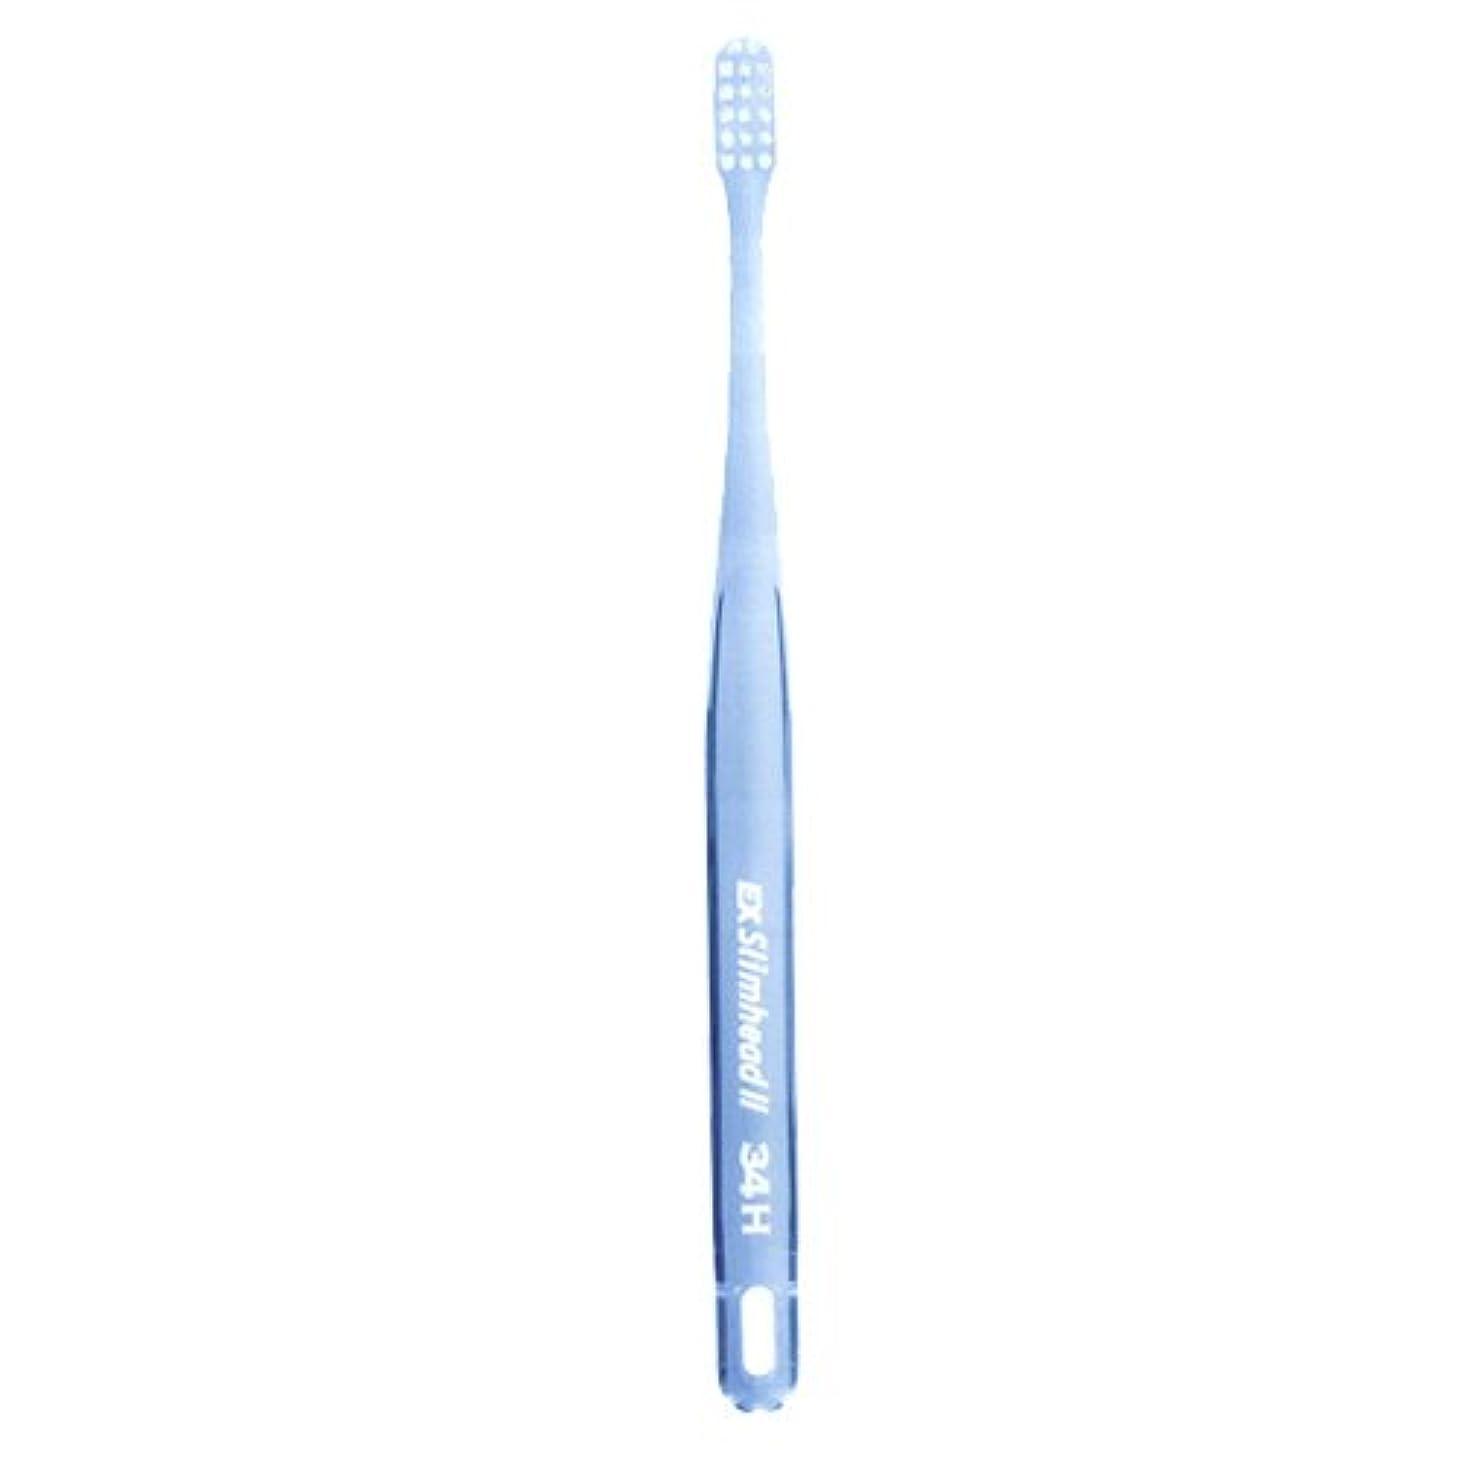 ライオン スリムヘッド2 歯ブラシ DENT . EX Slimhead2 1本 34H クリアブルー